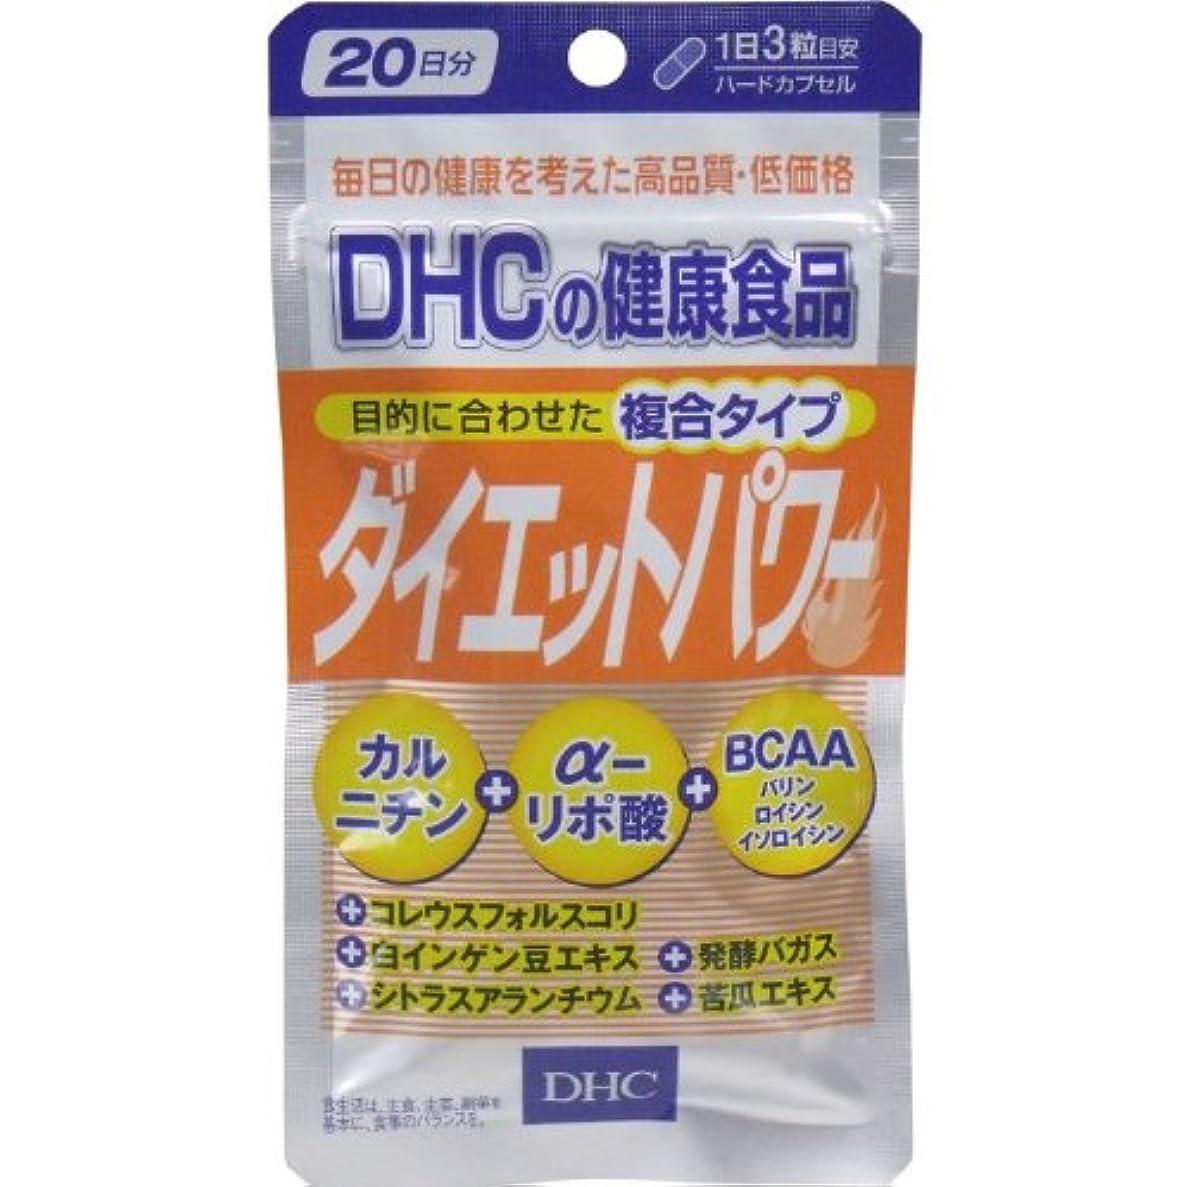 リファイン稚魚またはDHC ダイエットパワー 60粒入 20日分【3個セット】